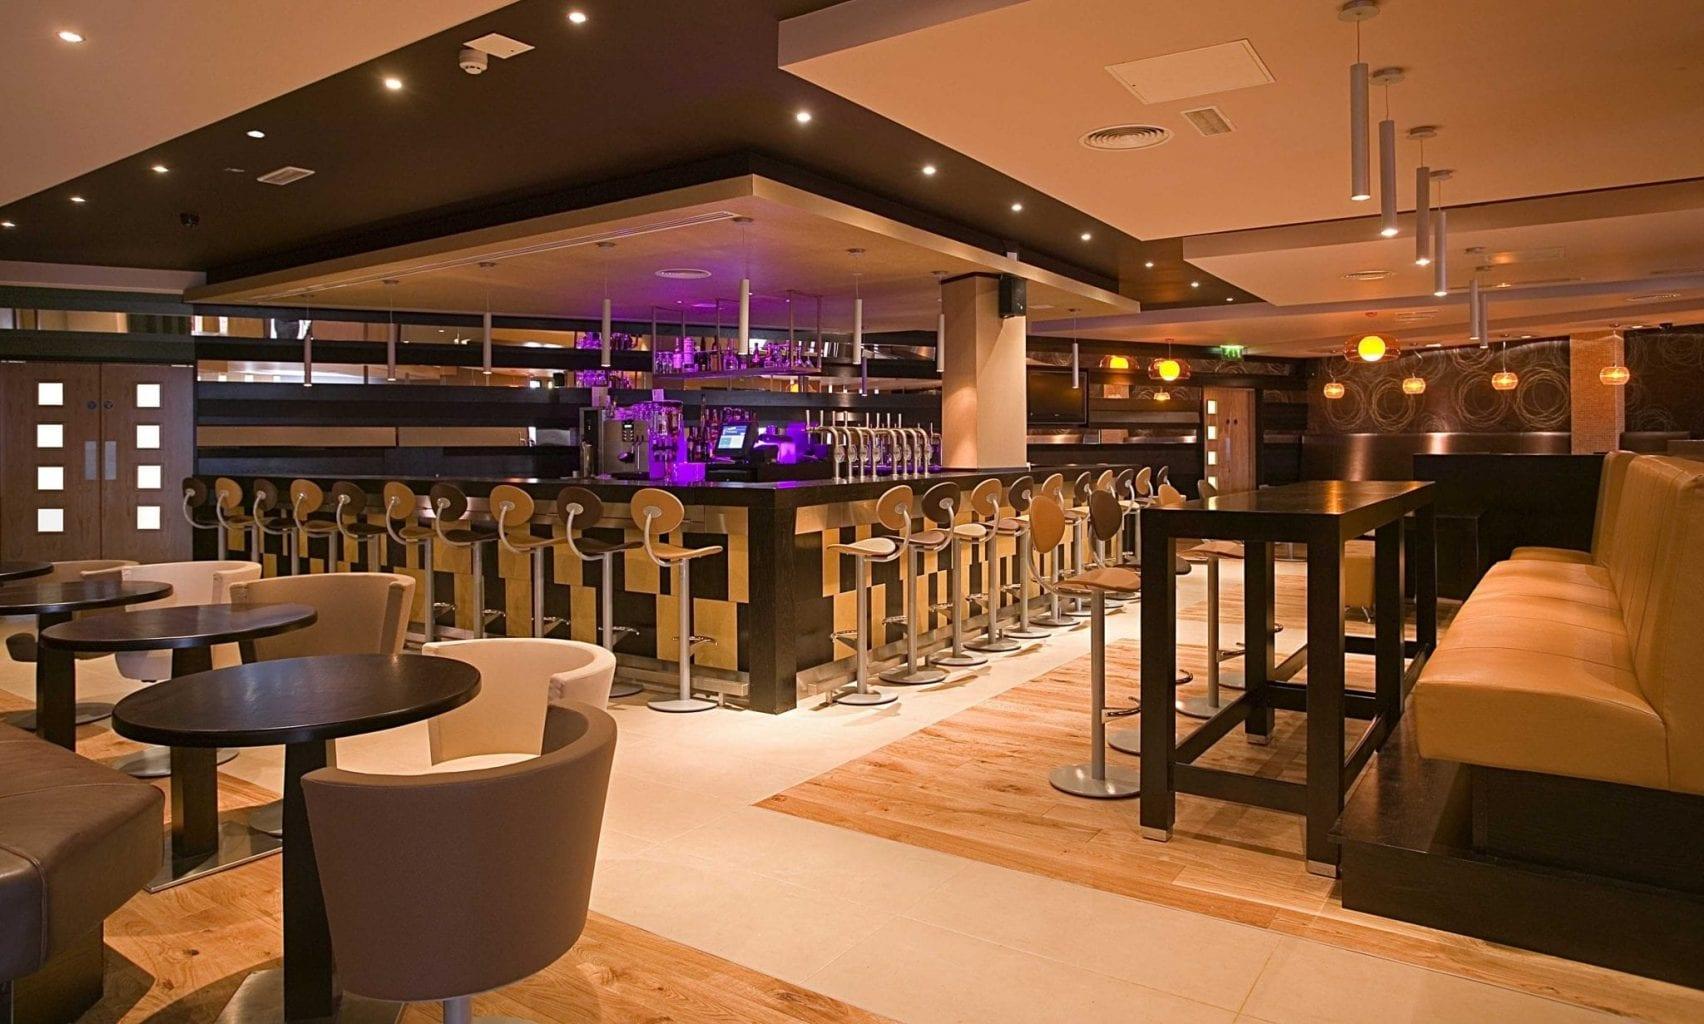 Limerick hotel leisure centre maldron hotel in limerick - Maldron hotel tallaght swimming pool ...